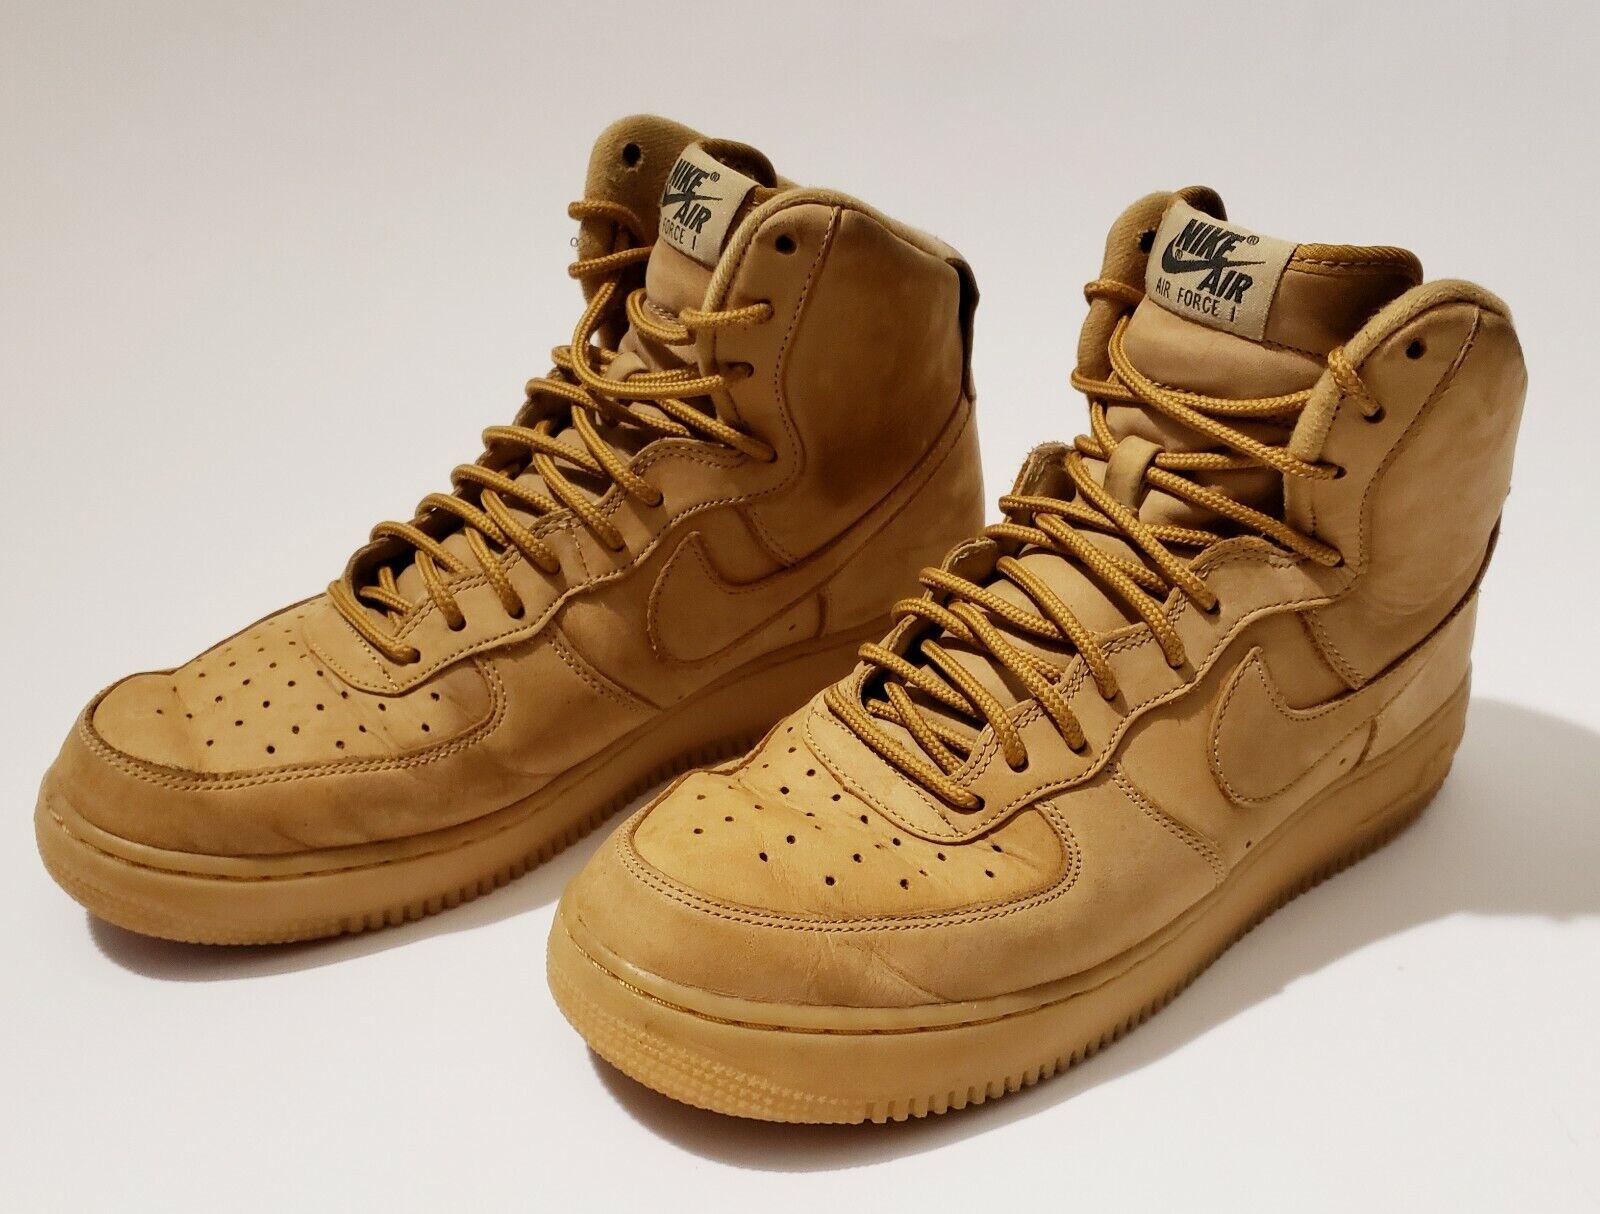 Nike Air Force 1 High 07 Lv8 WB 882096-200 Flax Wheat DS